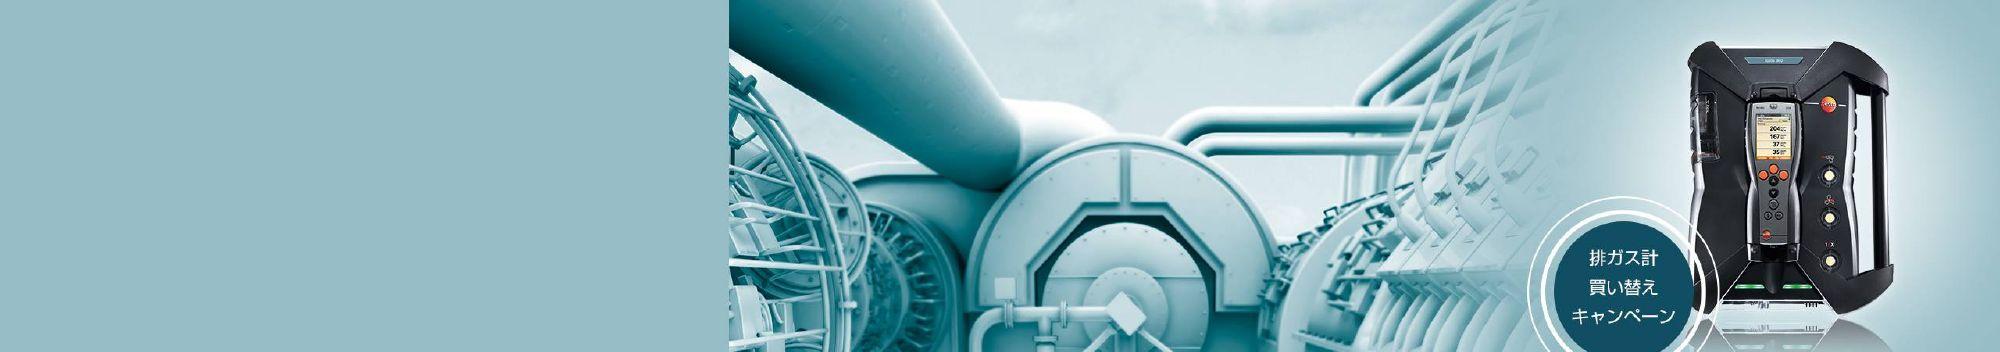 排ガス分析計</br><b>買い替え</b>キャンペーン!